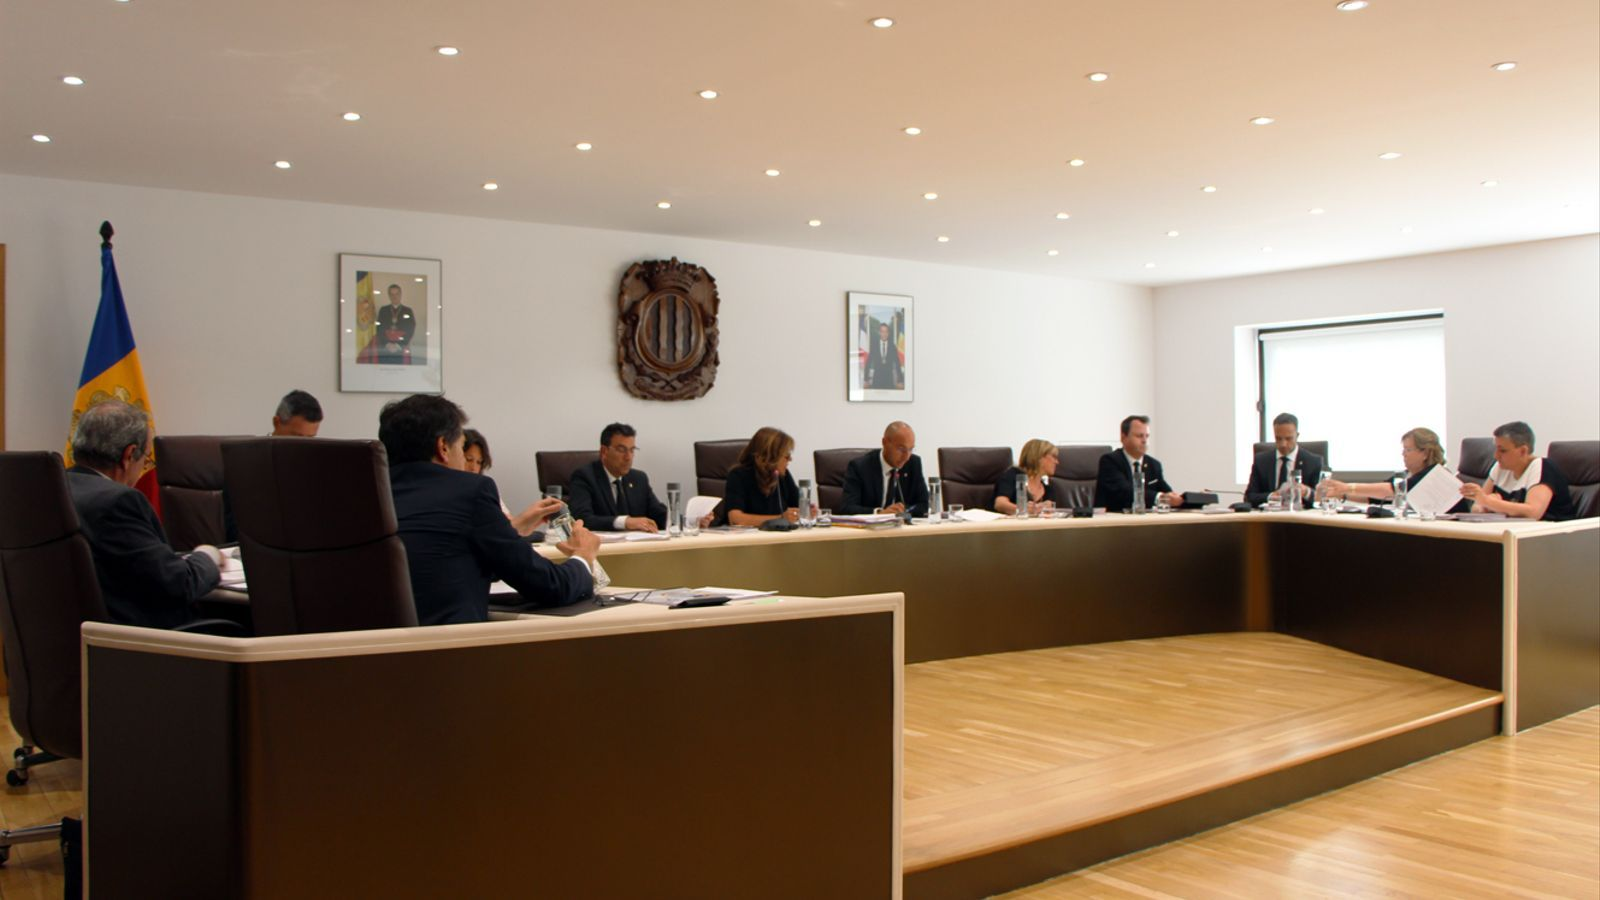 Sessió de consell de comú d'Andorra la Vella. / T. N. (ANA)